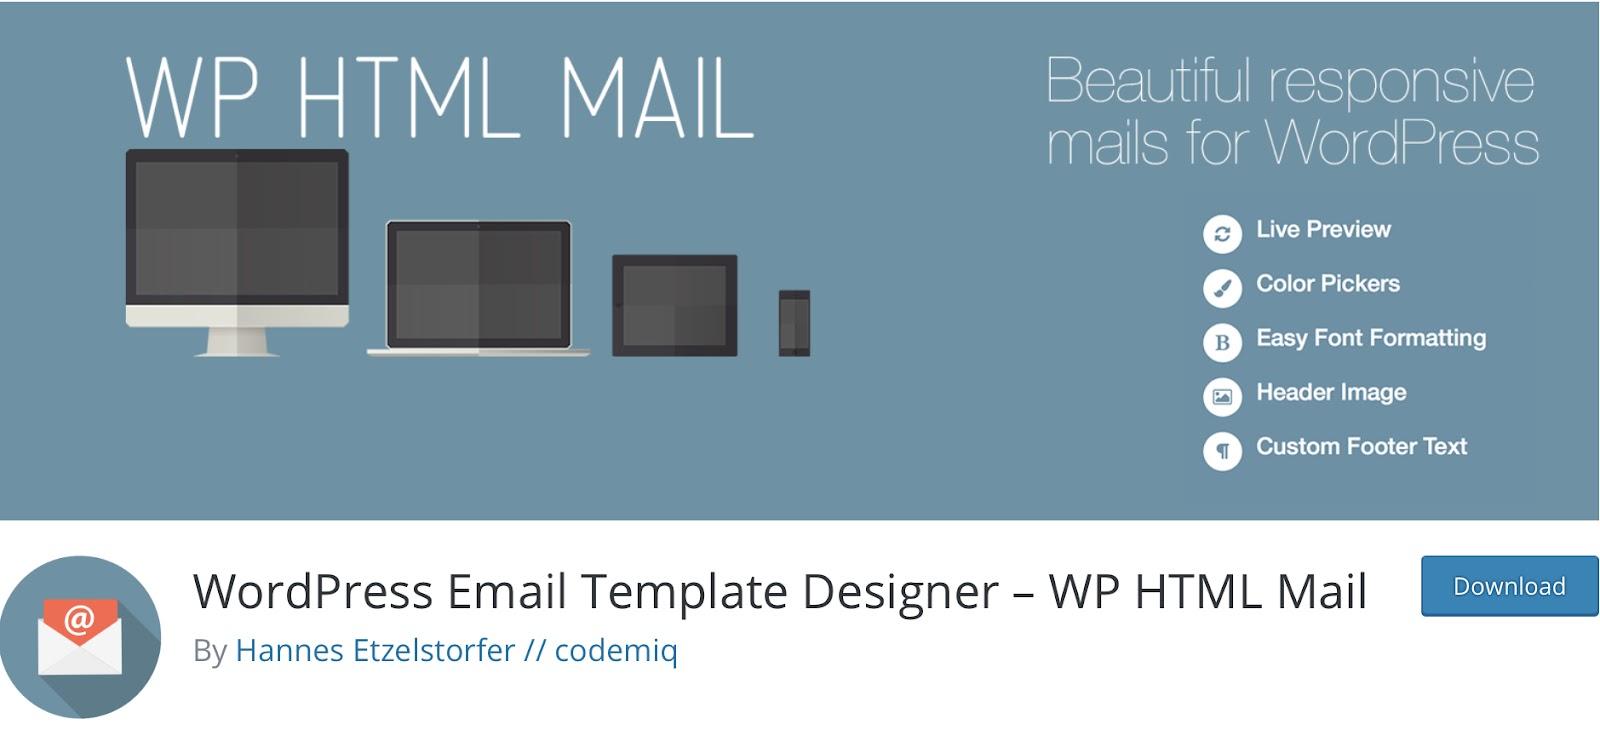 WP HTML Mail